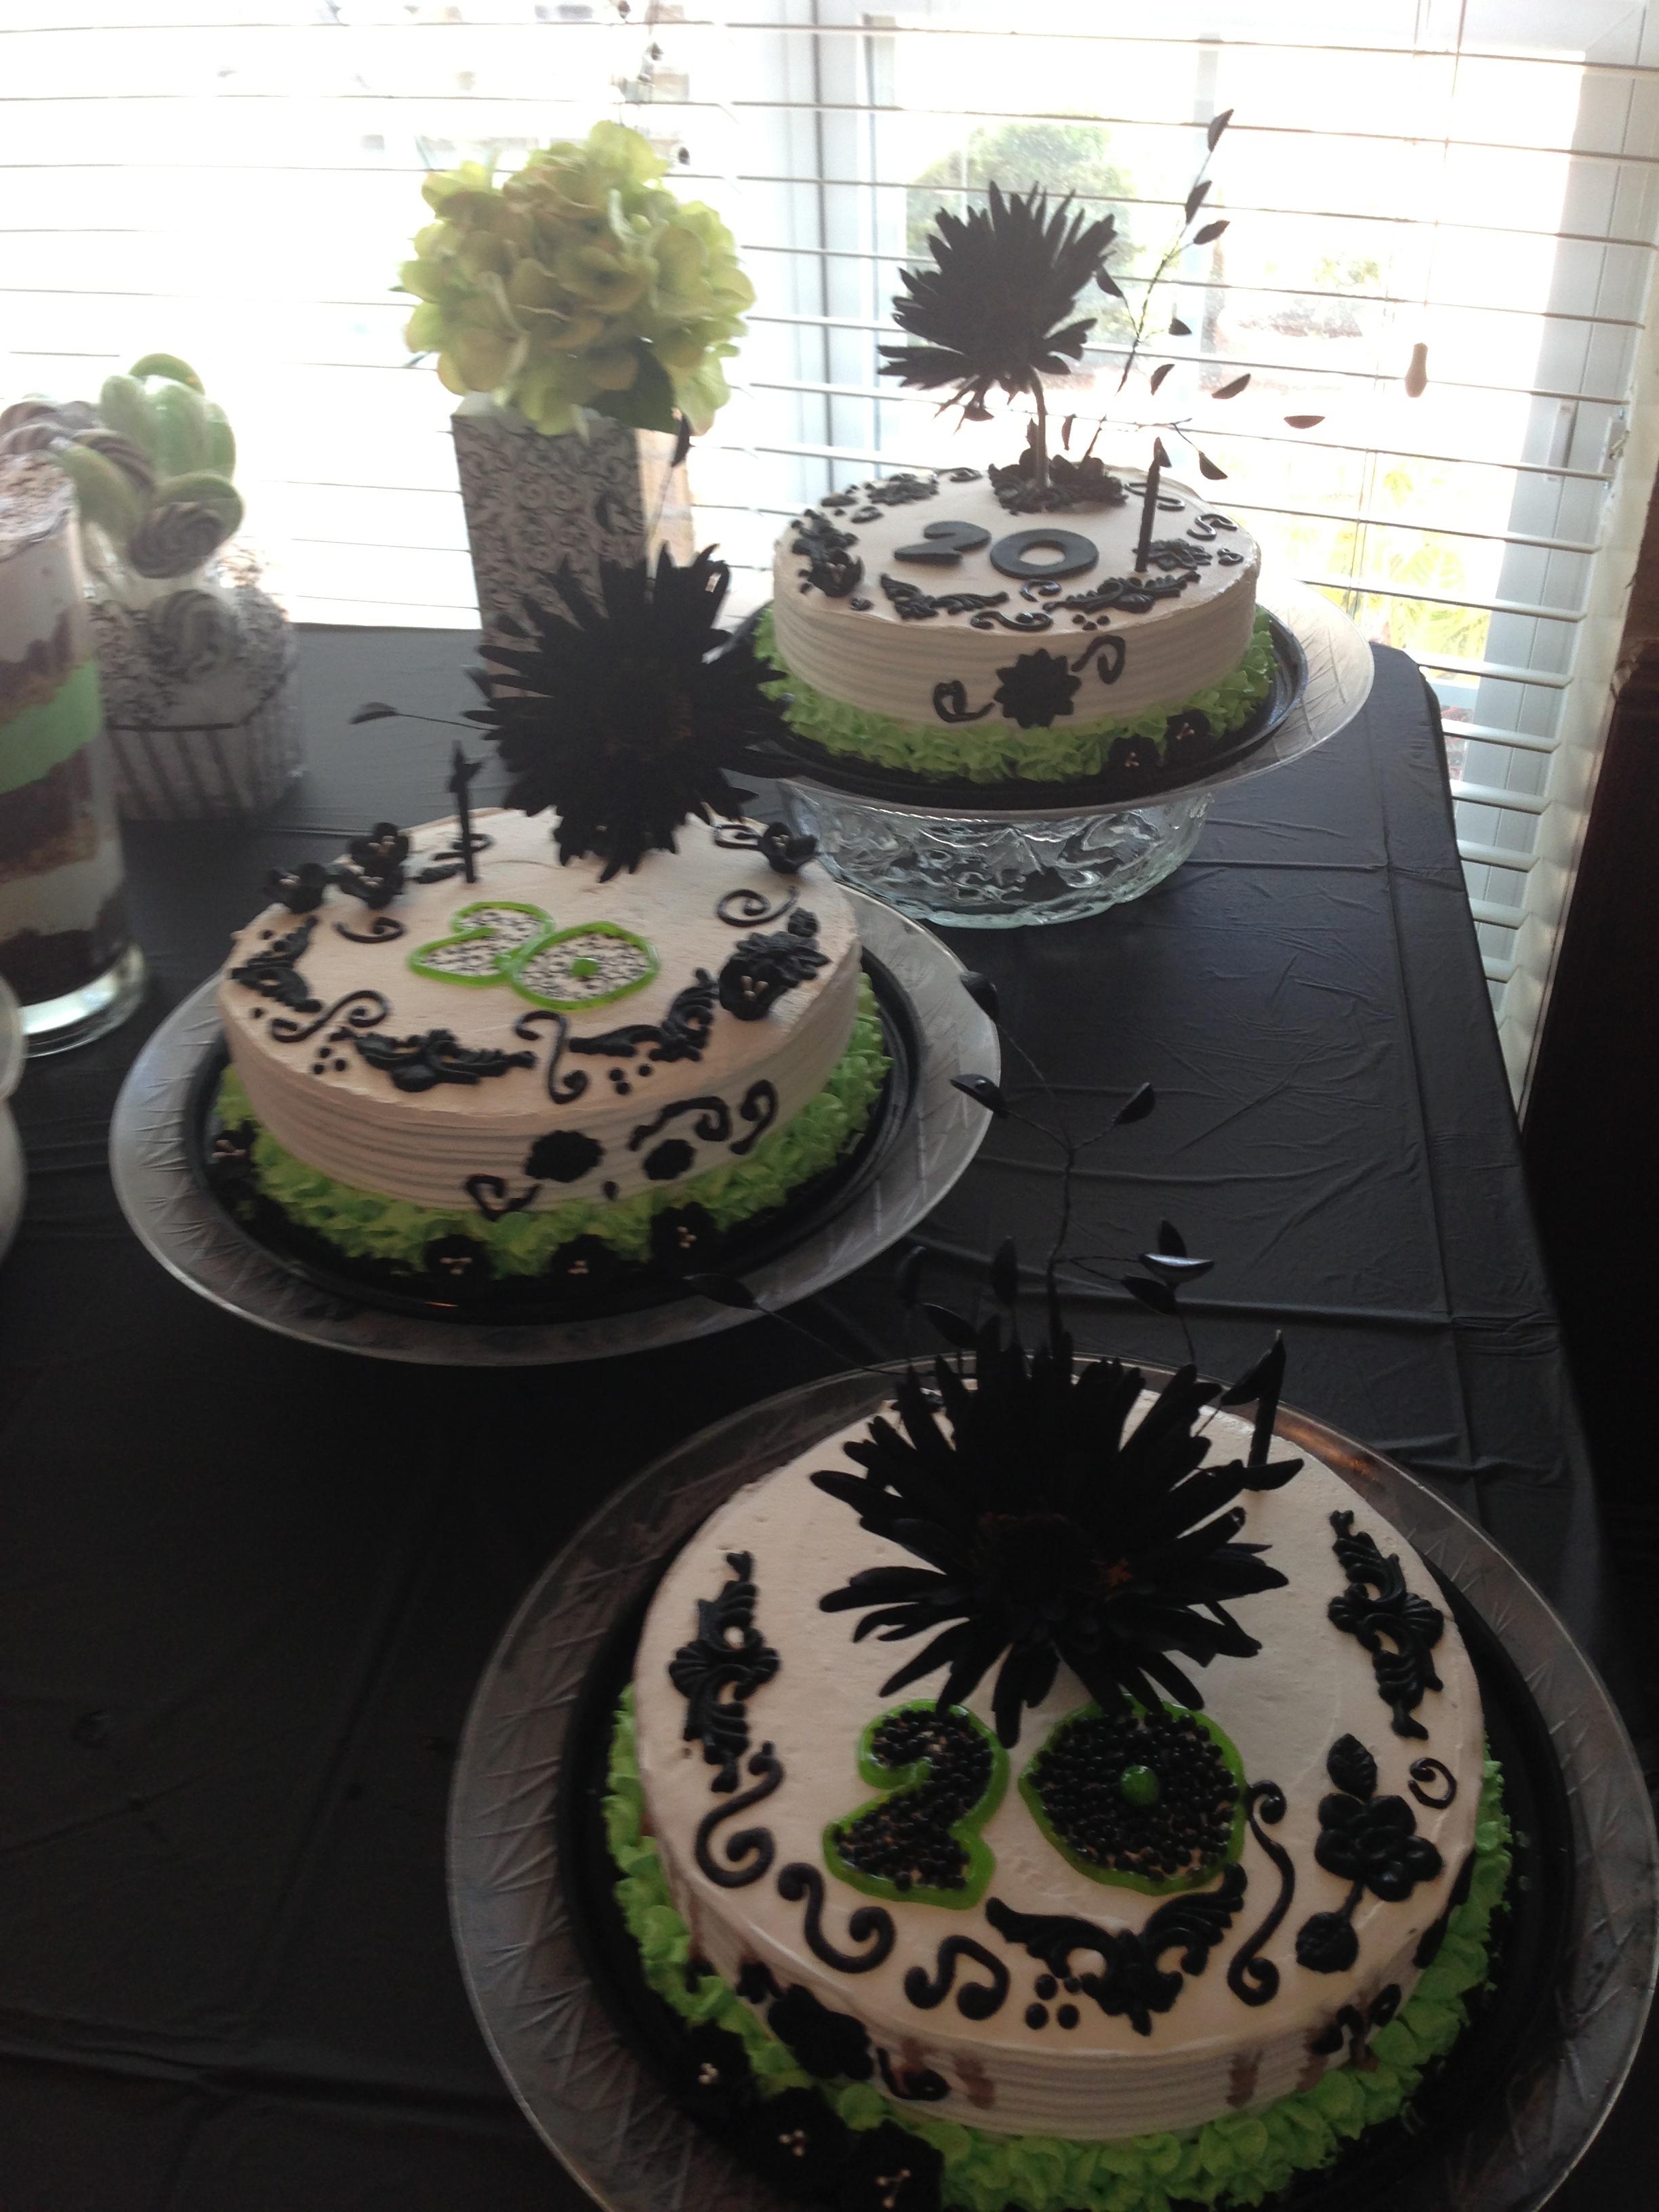 60th birthday ice-cream cakes.